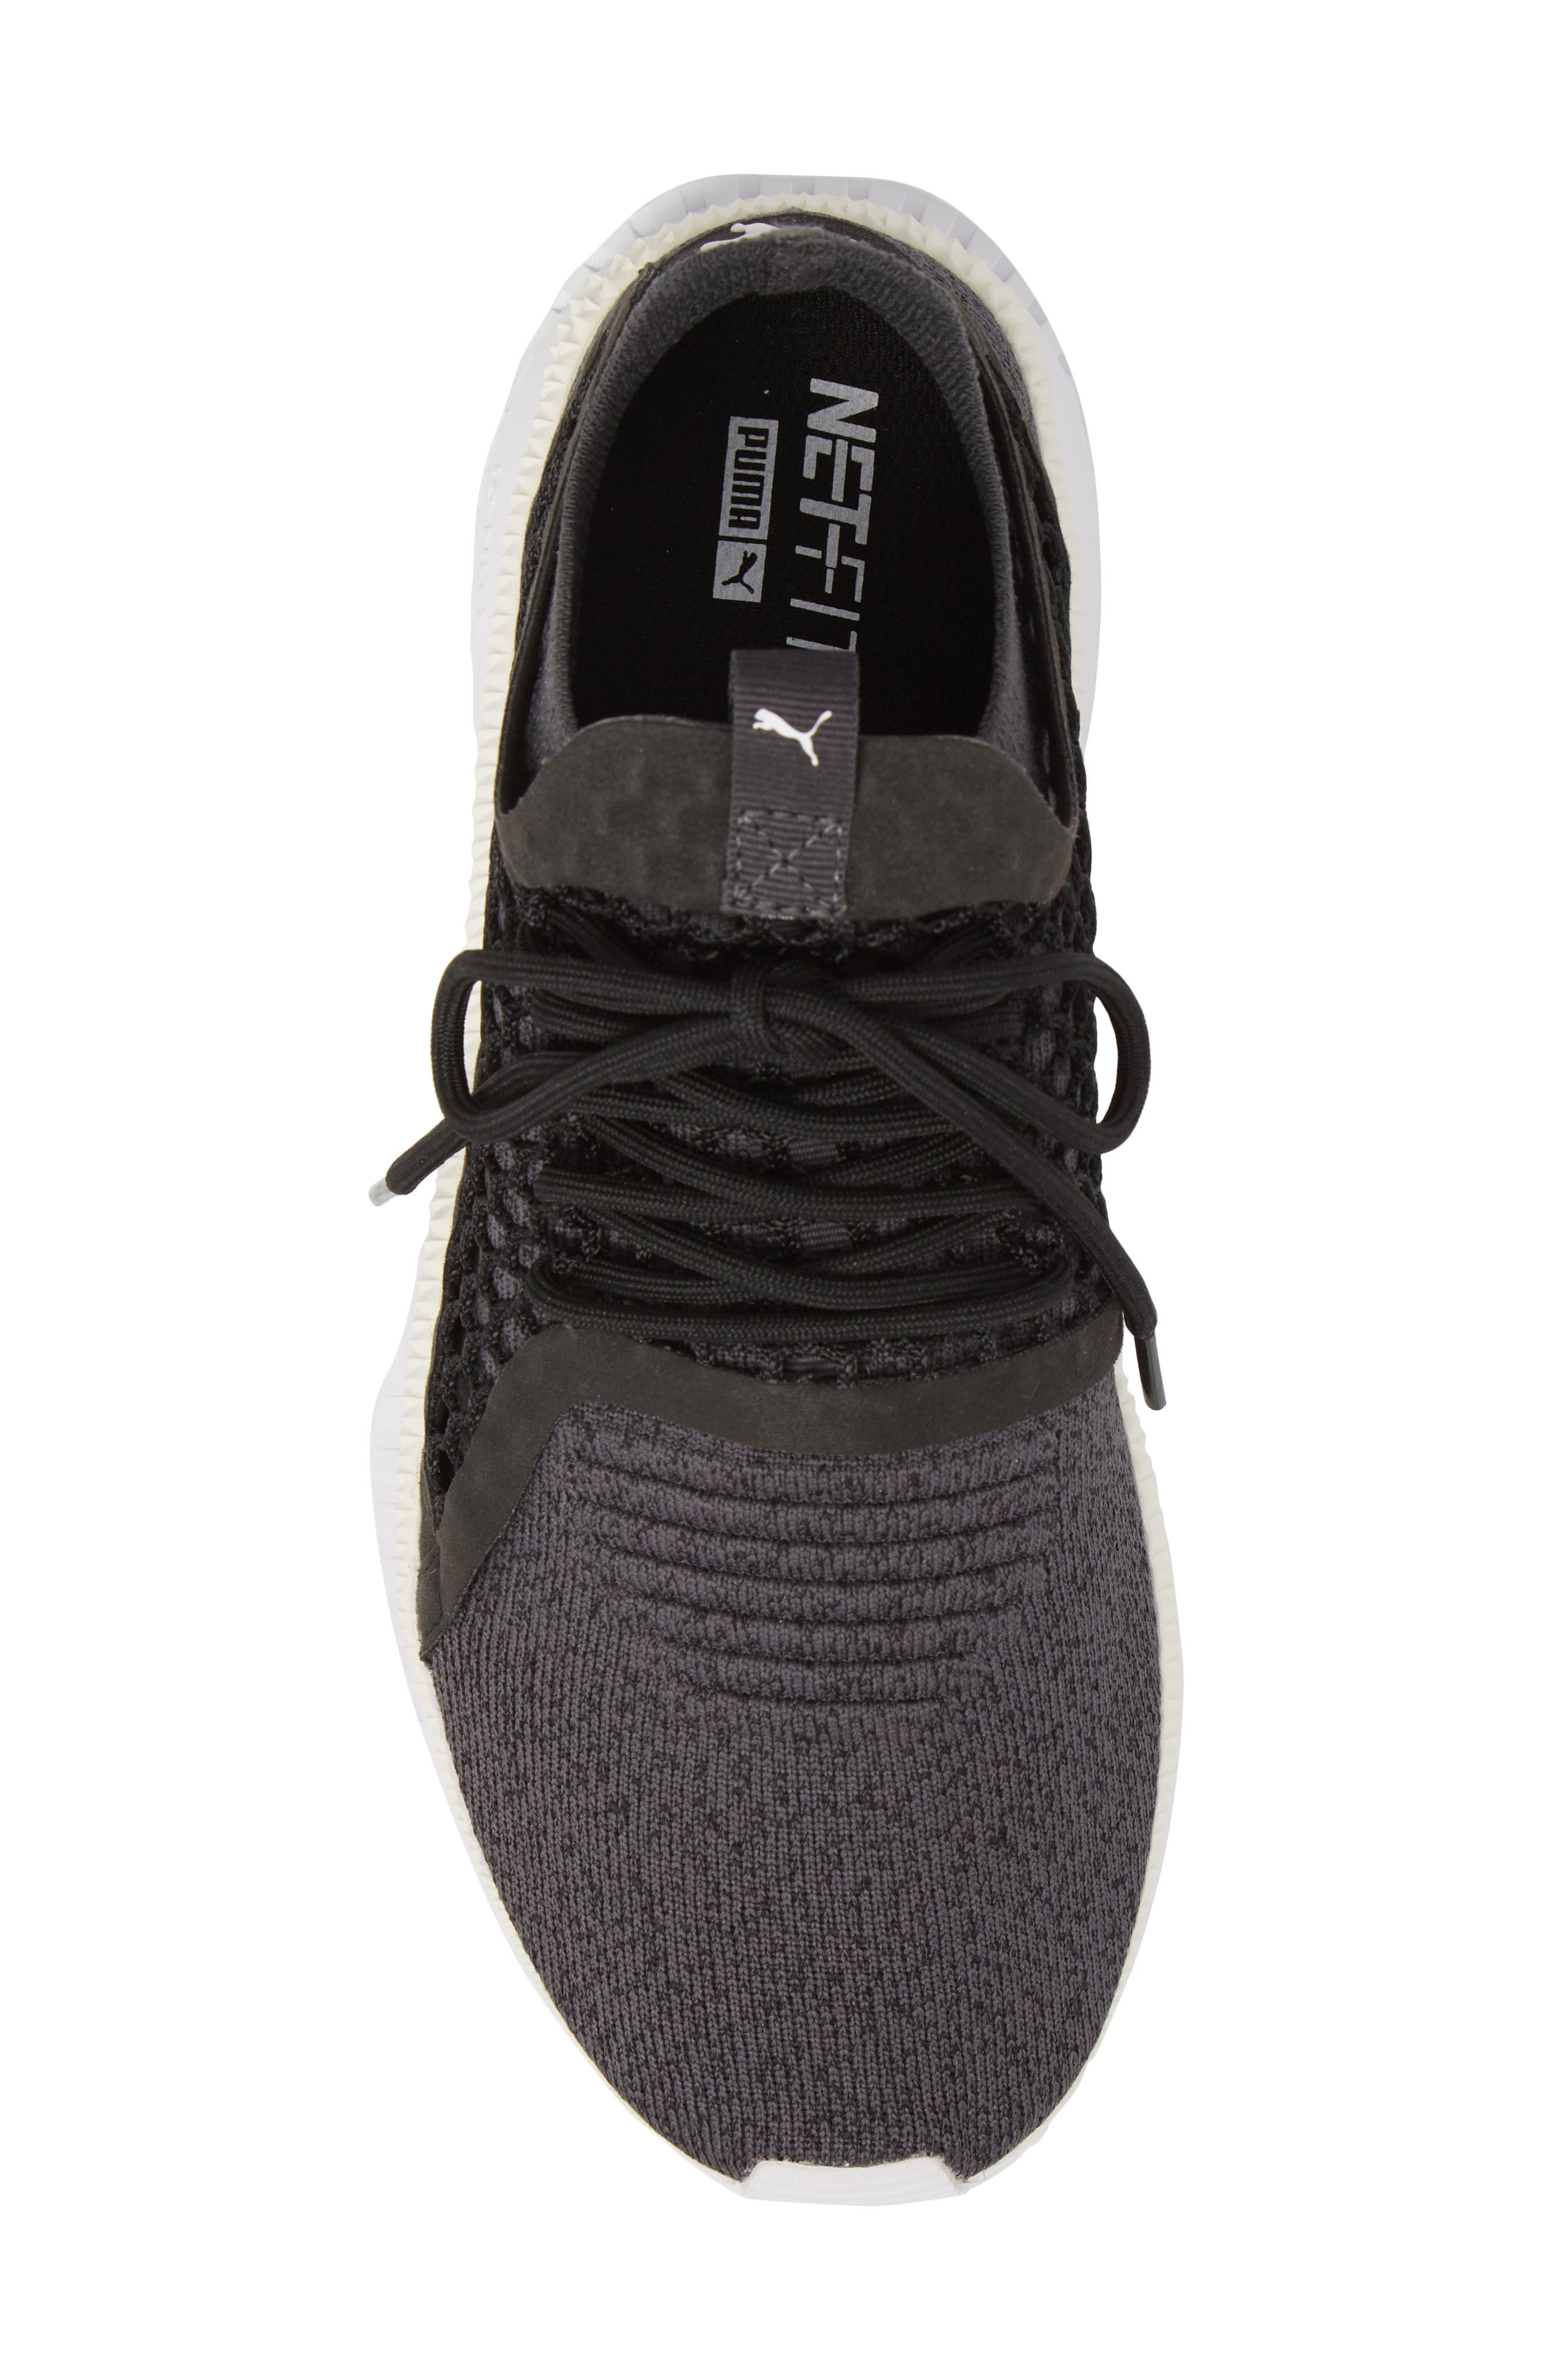 Tsugi Netfit V2 EvoKNIT Sneaker,                             Alternate thumbnail 3, color,                             Black/ Asphalt/ White